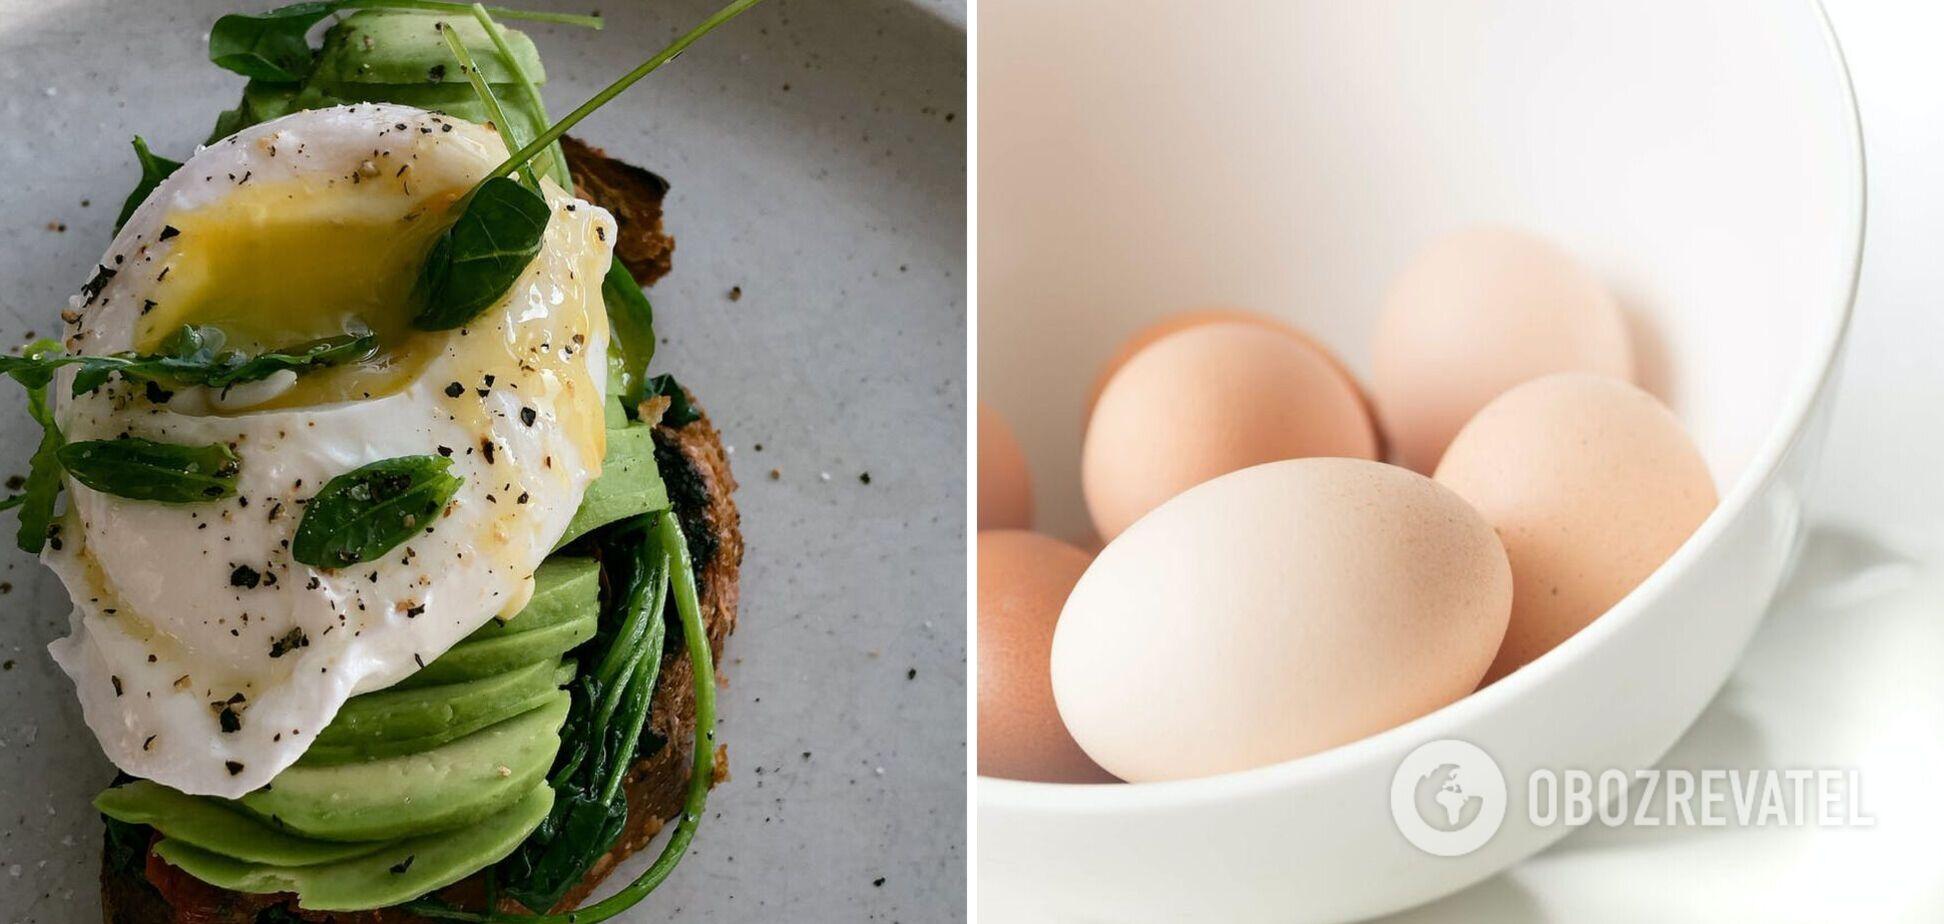 Яйце пашот готувати з оцтом чи без: що радять професіонали